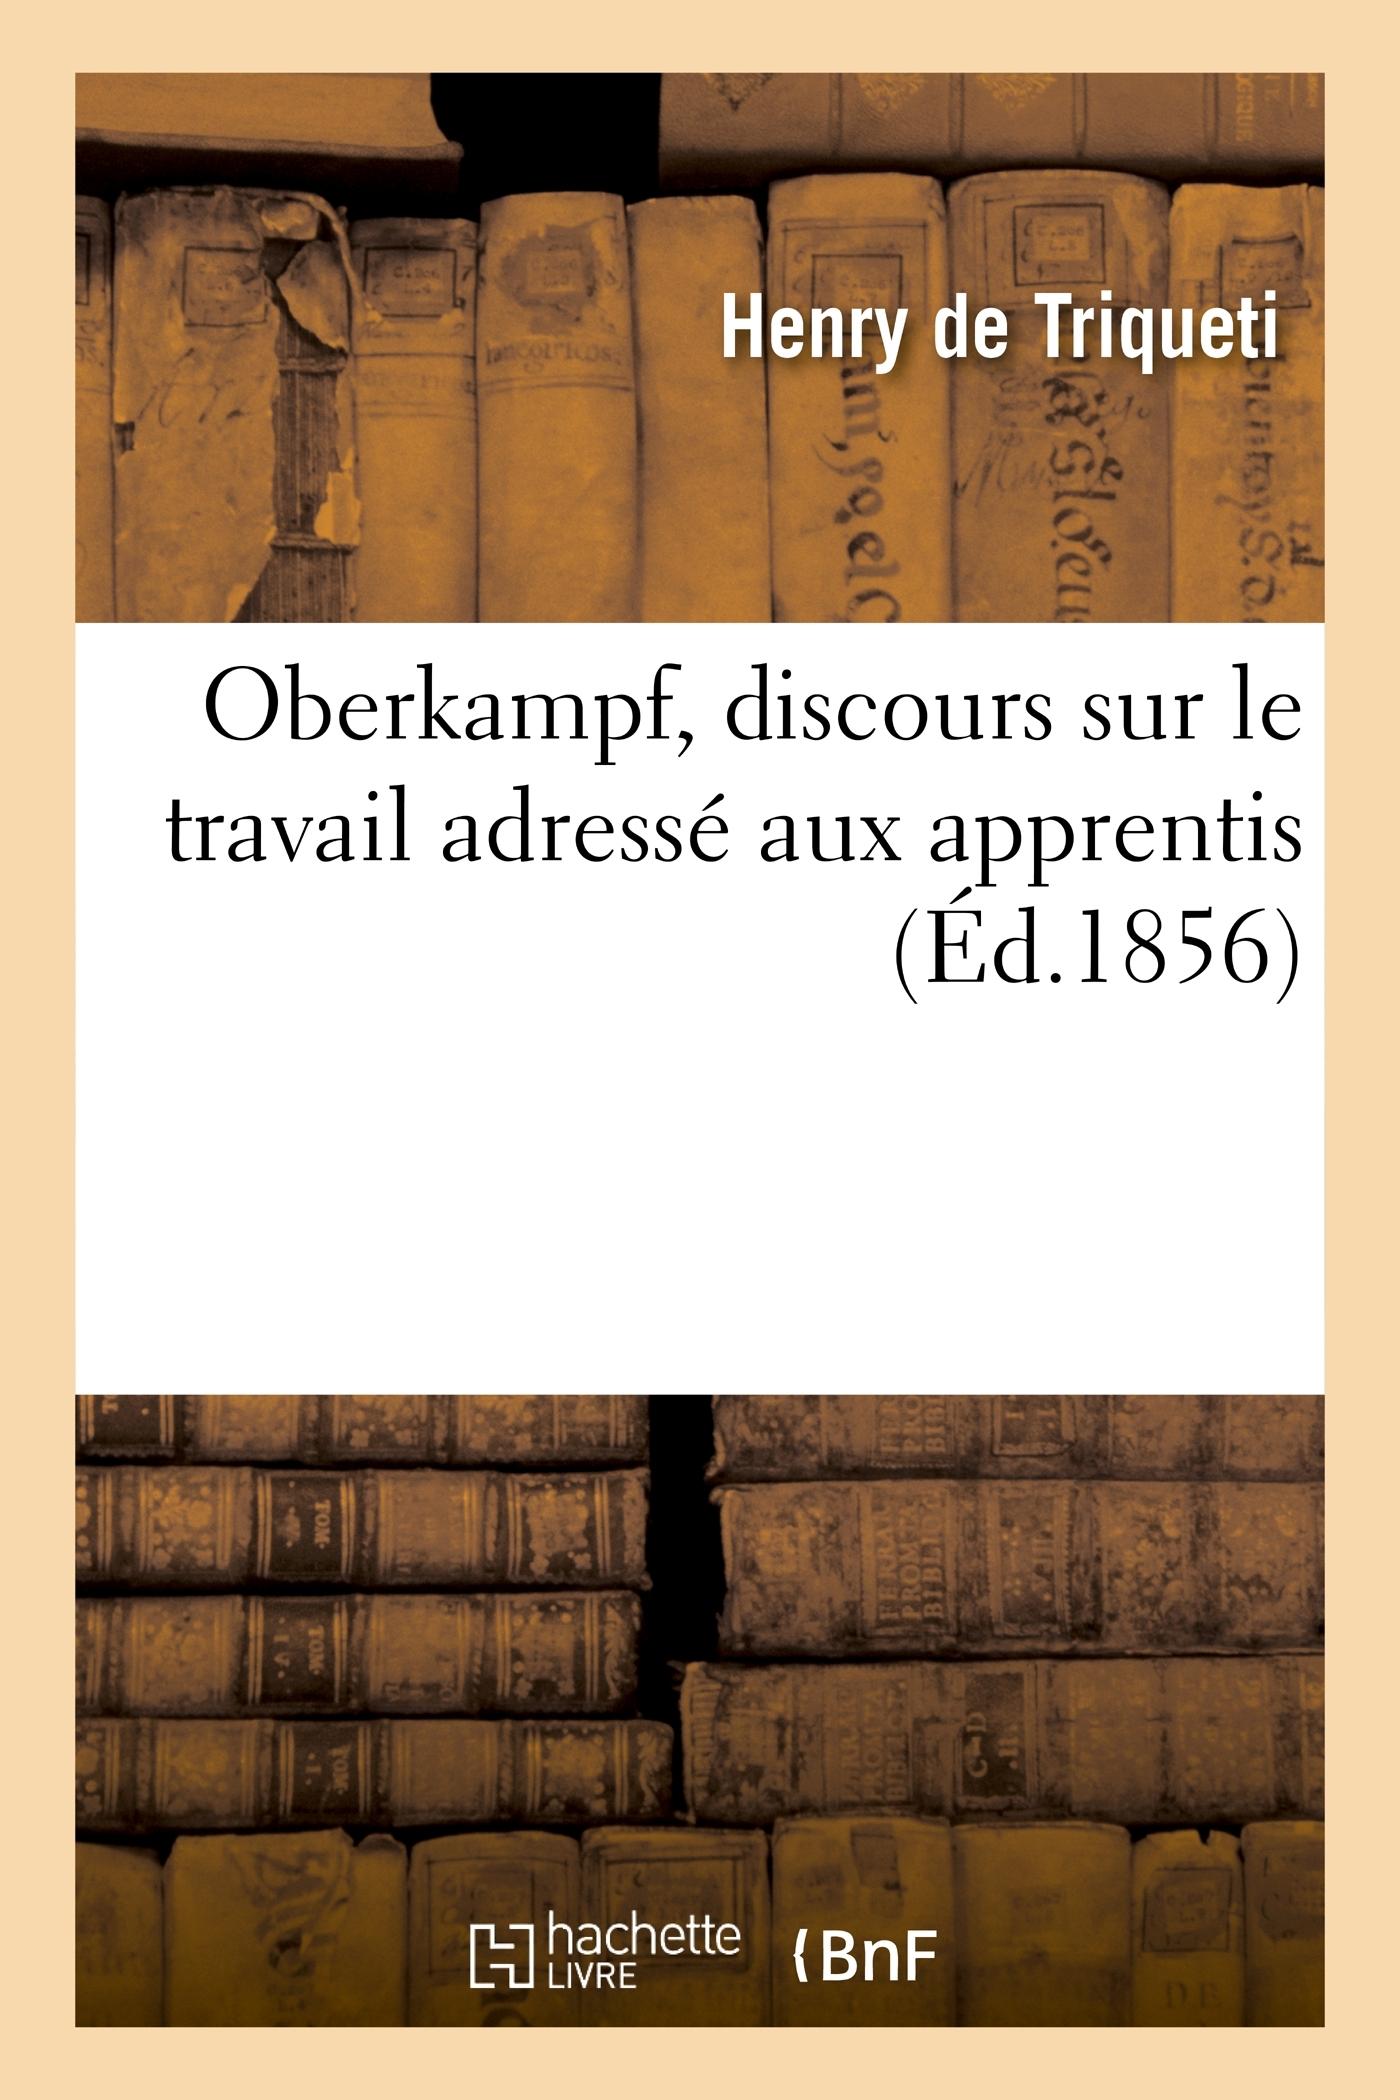 OBERKAMPF, DISCOURS SUR LE TRAVAIL ADRESSE AUX APPRENTIS, DANS LA SEANCE DU 7 DECEMBRE 1856